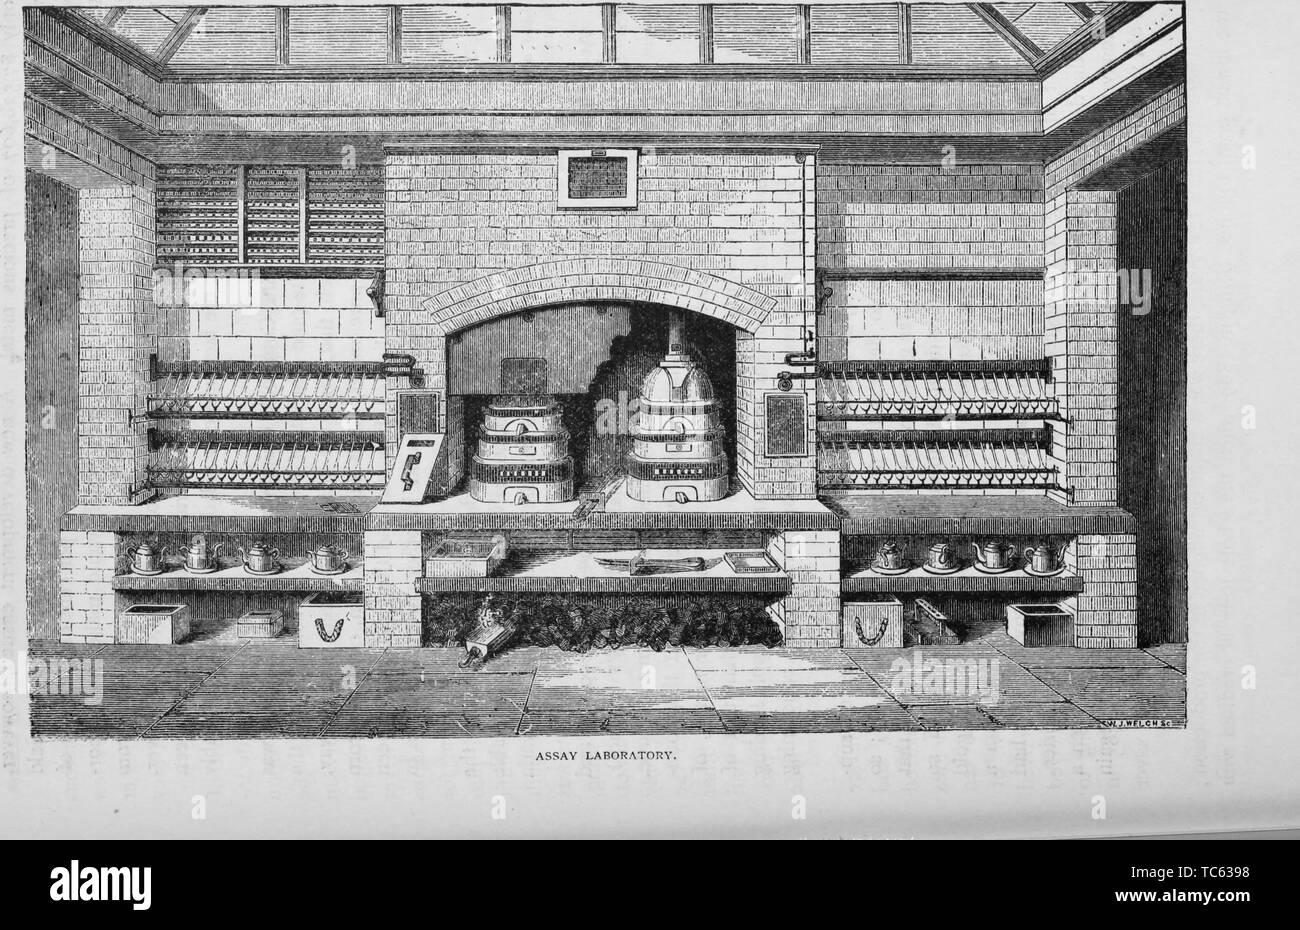 """Grabado del laboratorio de ensayo, del libro """"Historia Industrial de los Estados Unidos, desde los primeros asentamientos hasta la actualidad' de Albert Sidney Bolles, 1878. Cortesía de Internet Archive. () Imagen De Stock"""